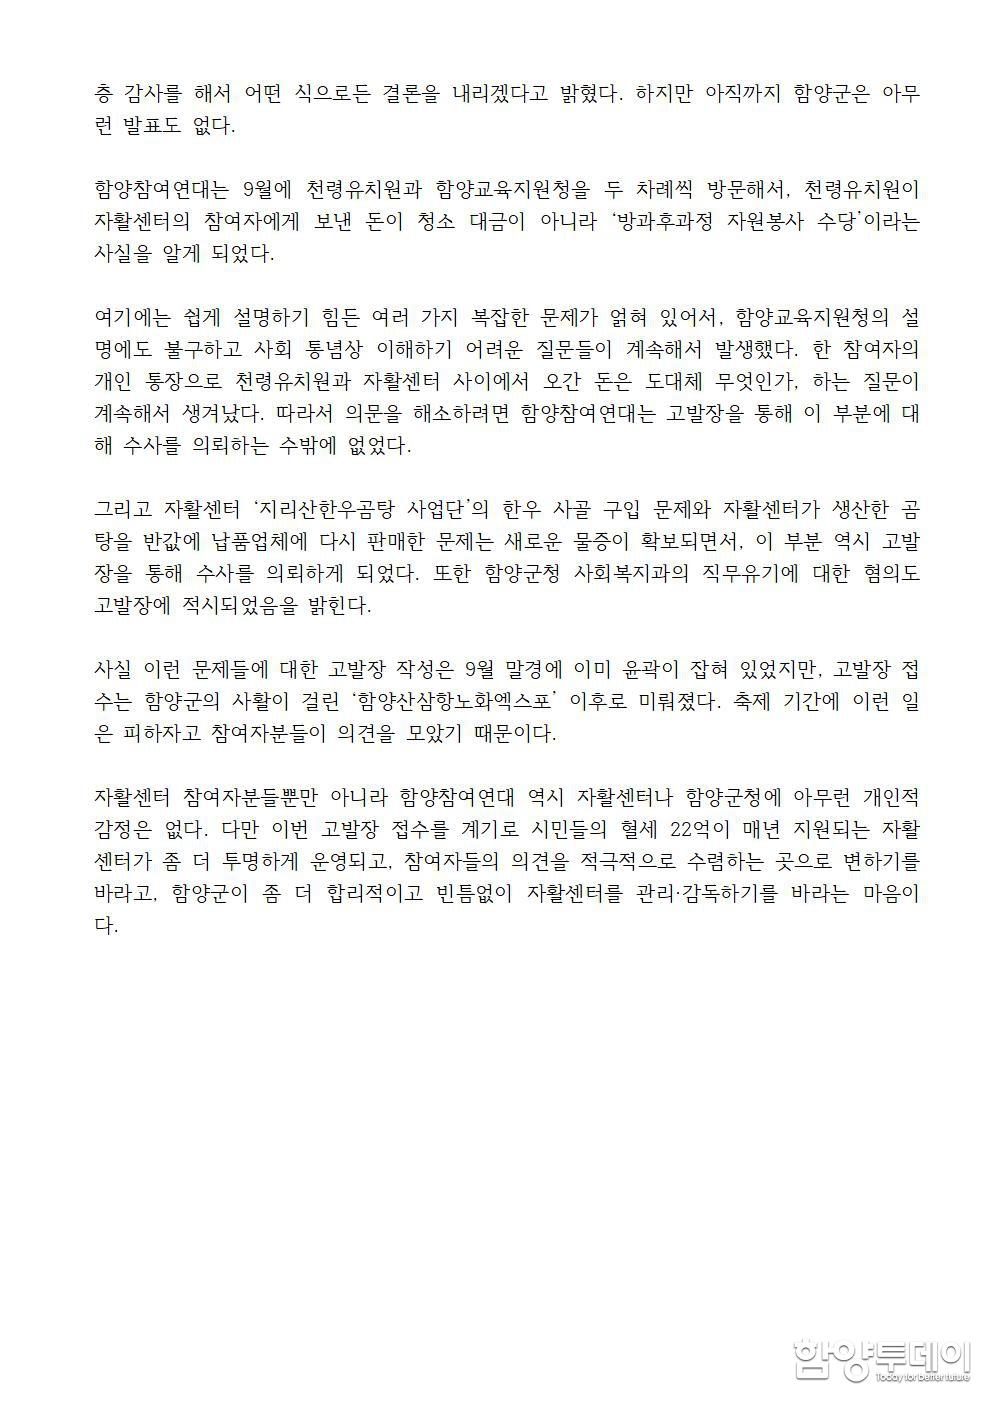 함양참여연대, 경찰서에 자활센터 의혹 수사의뢰 고발장 접수